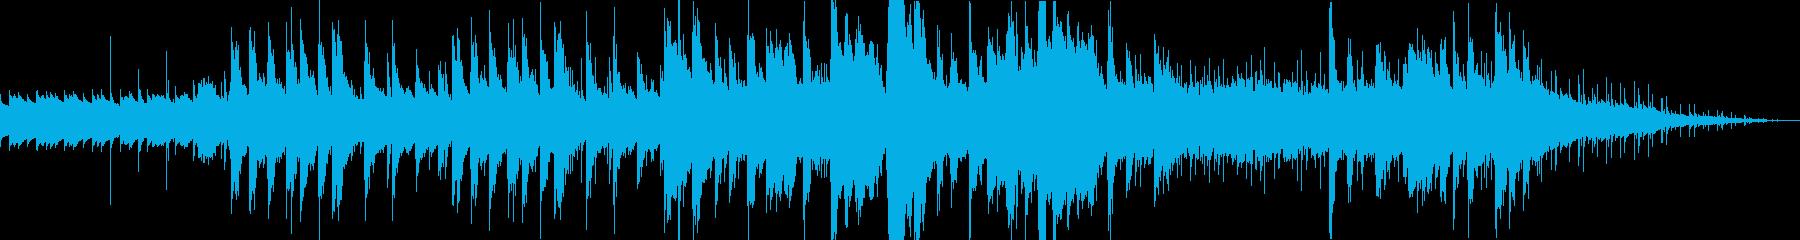 オルゴール中心のホラーBGMの再生済みの波形